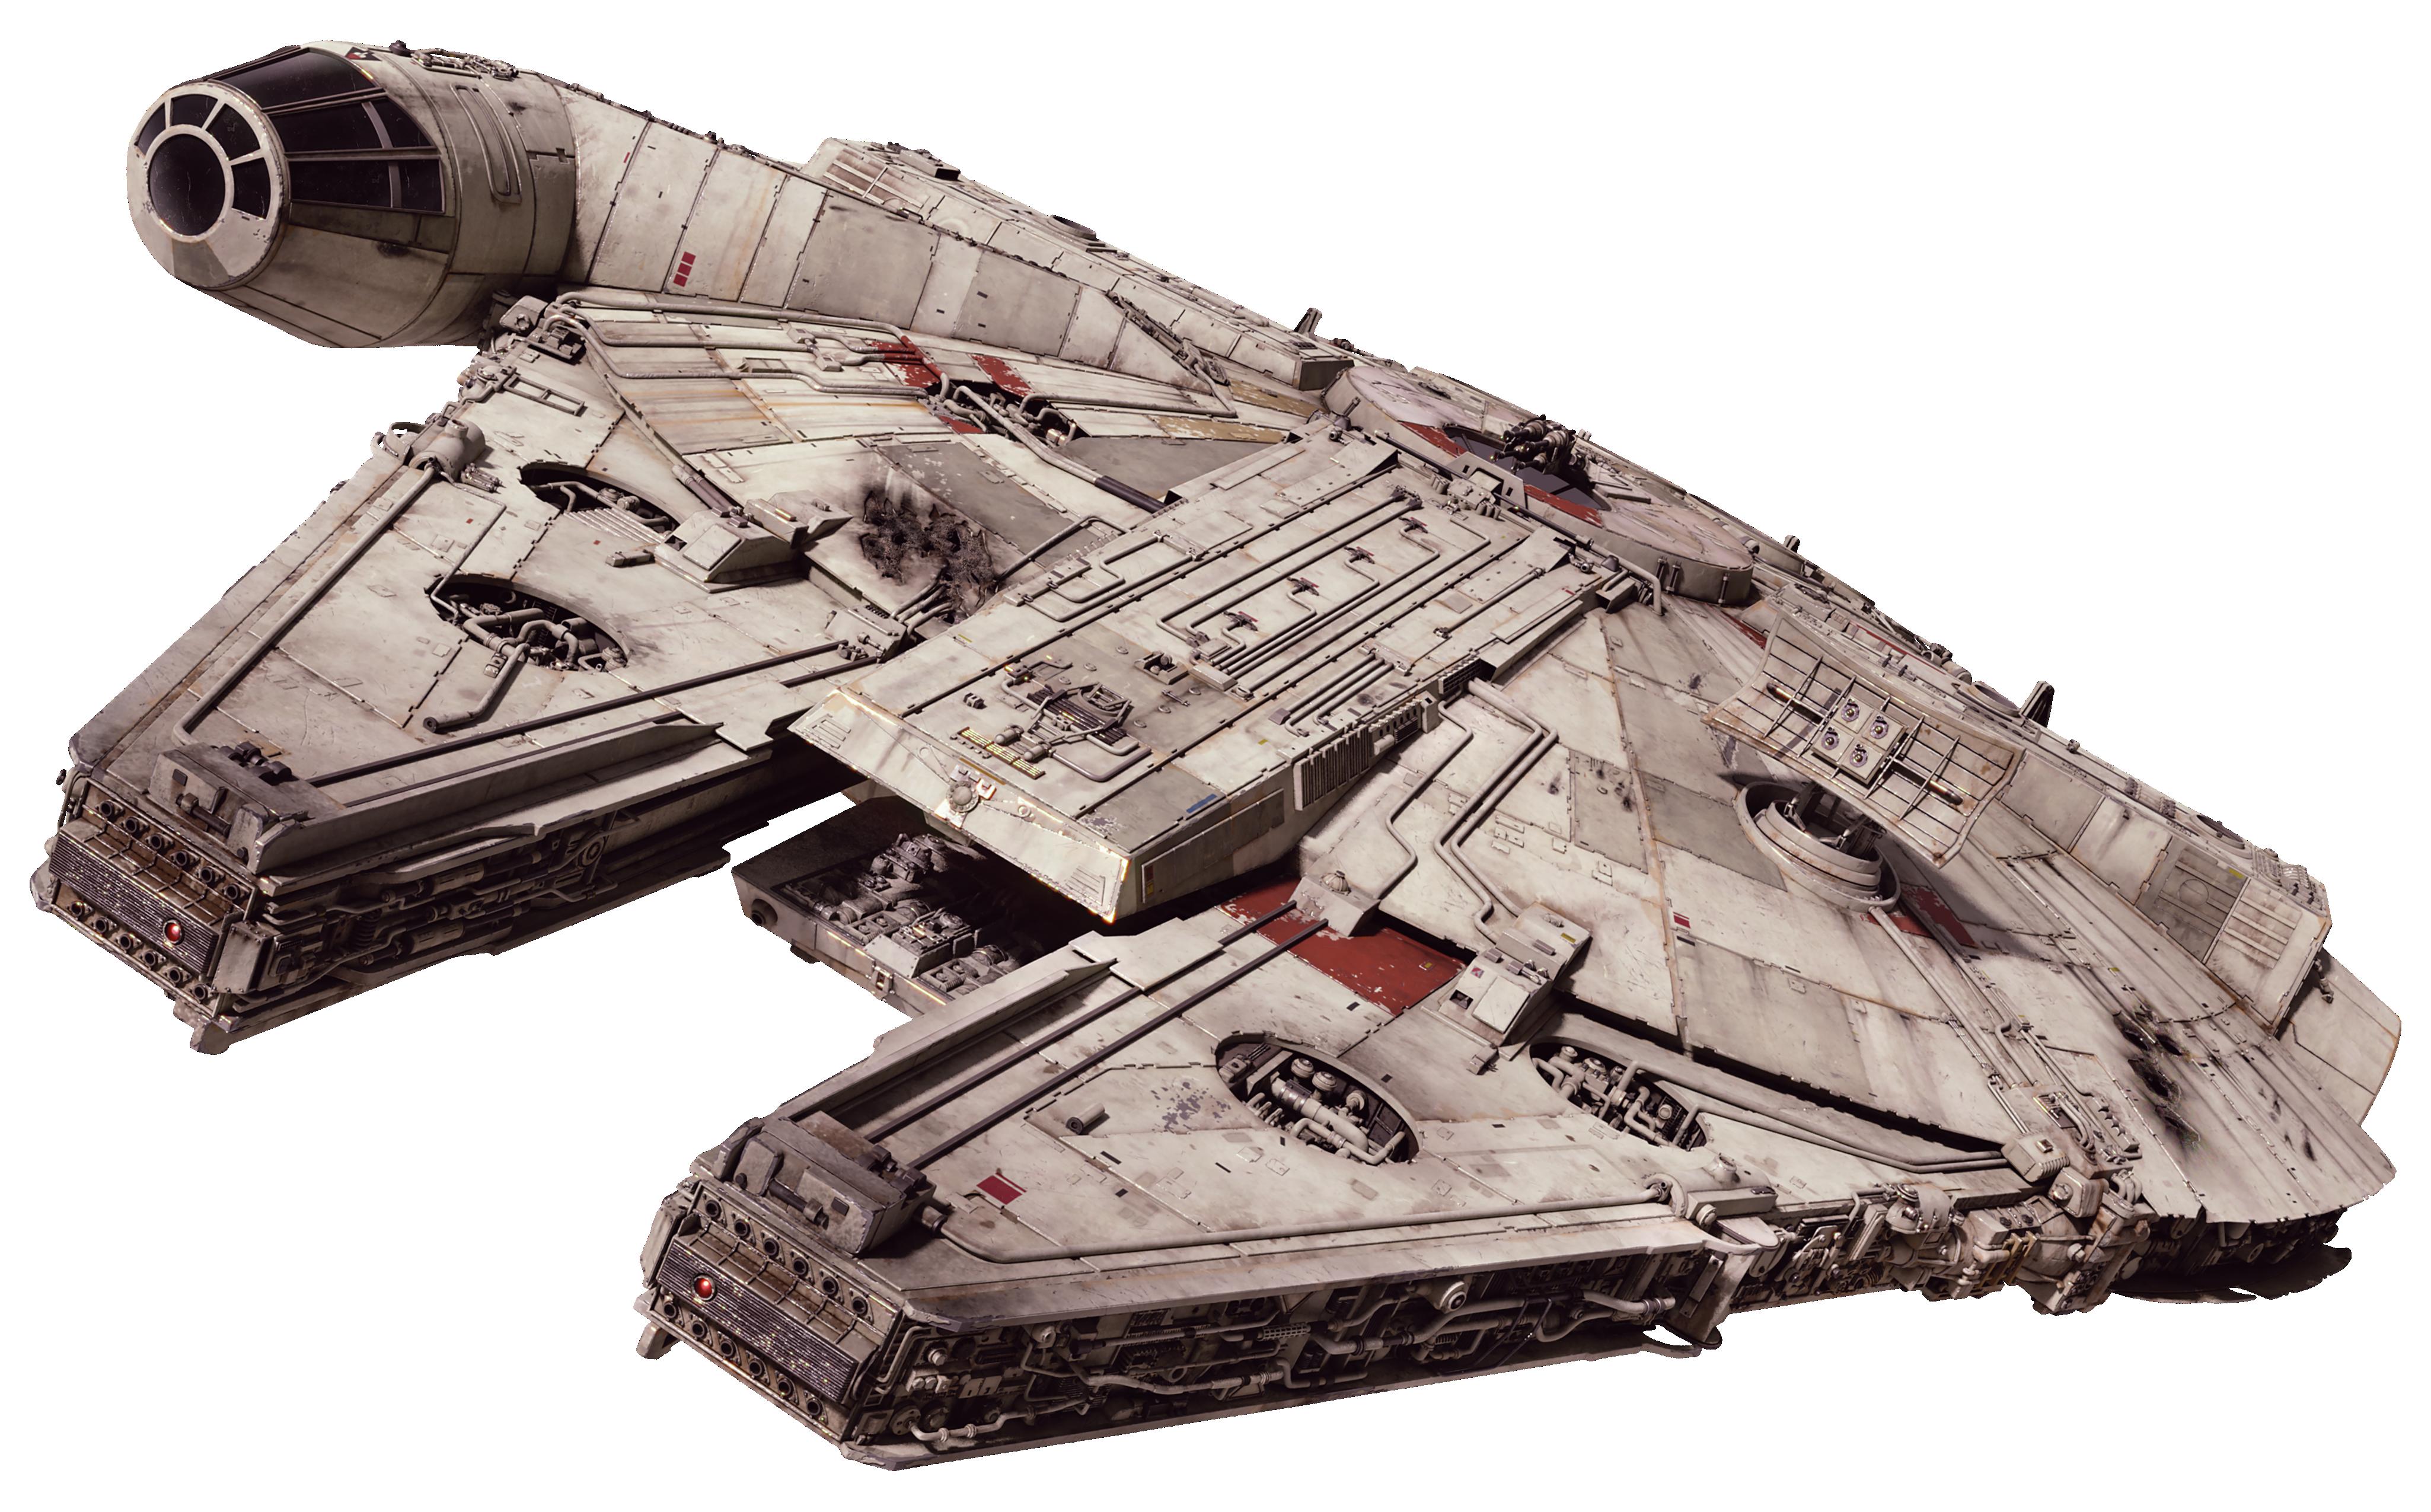 Millennium Falcon Wookieepedia Fandom Powered By Wikia